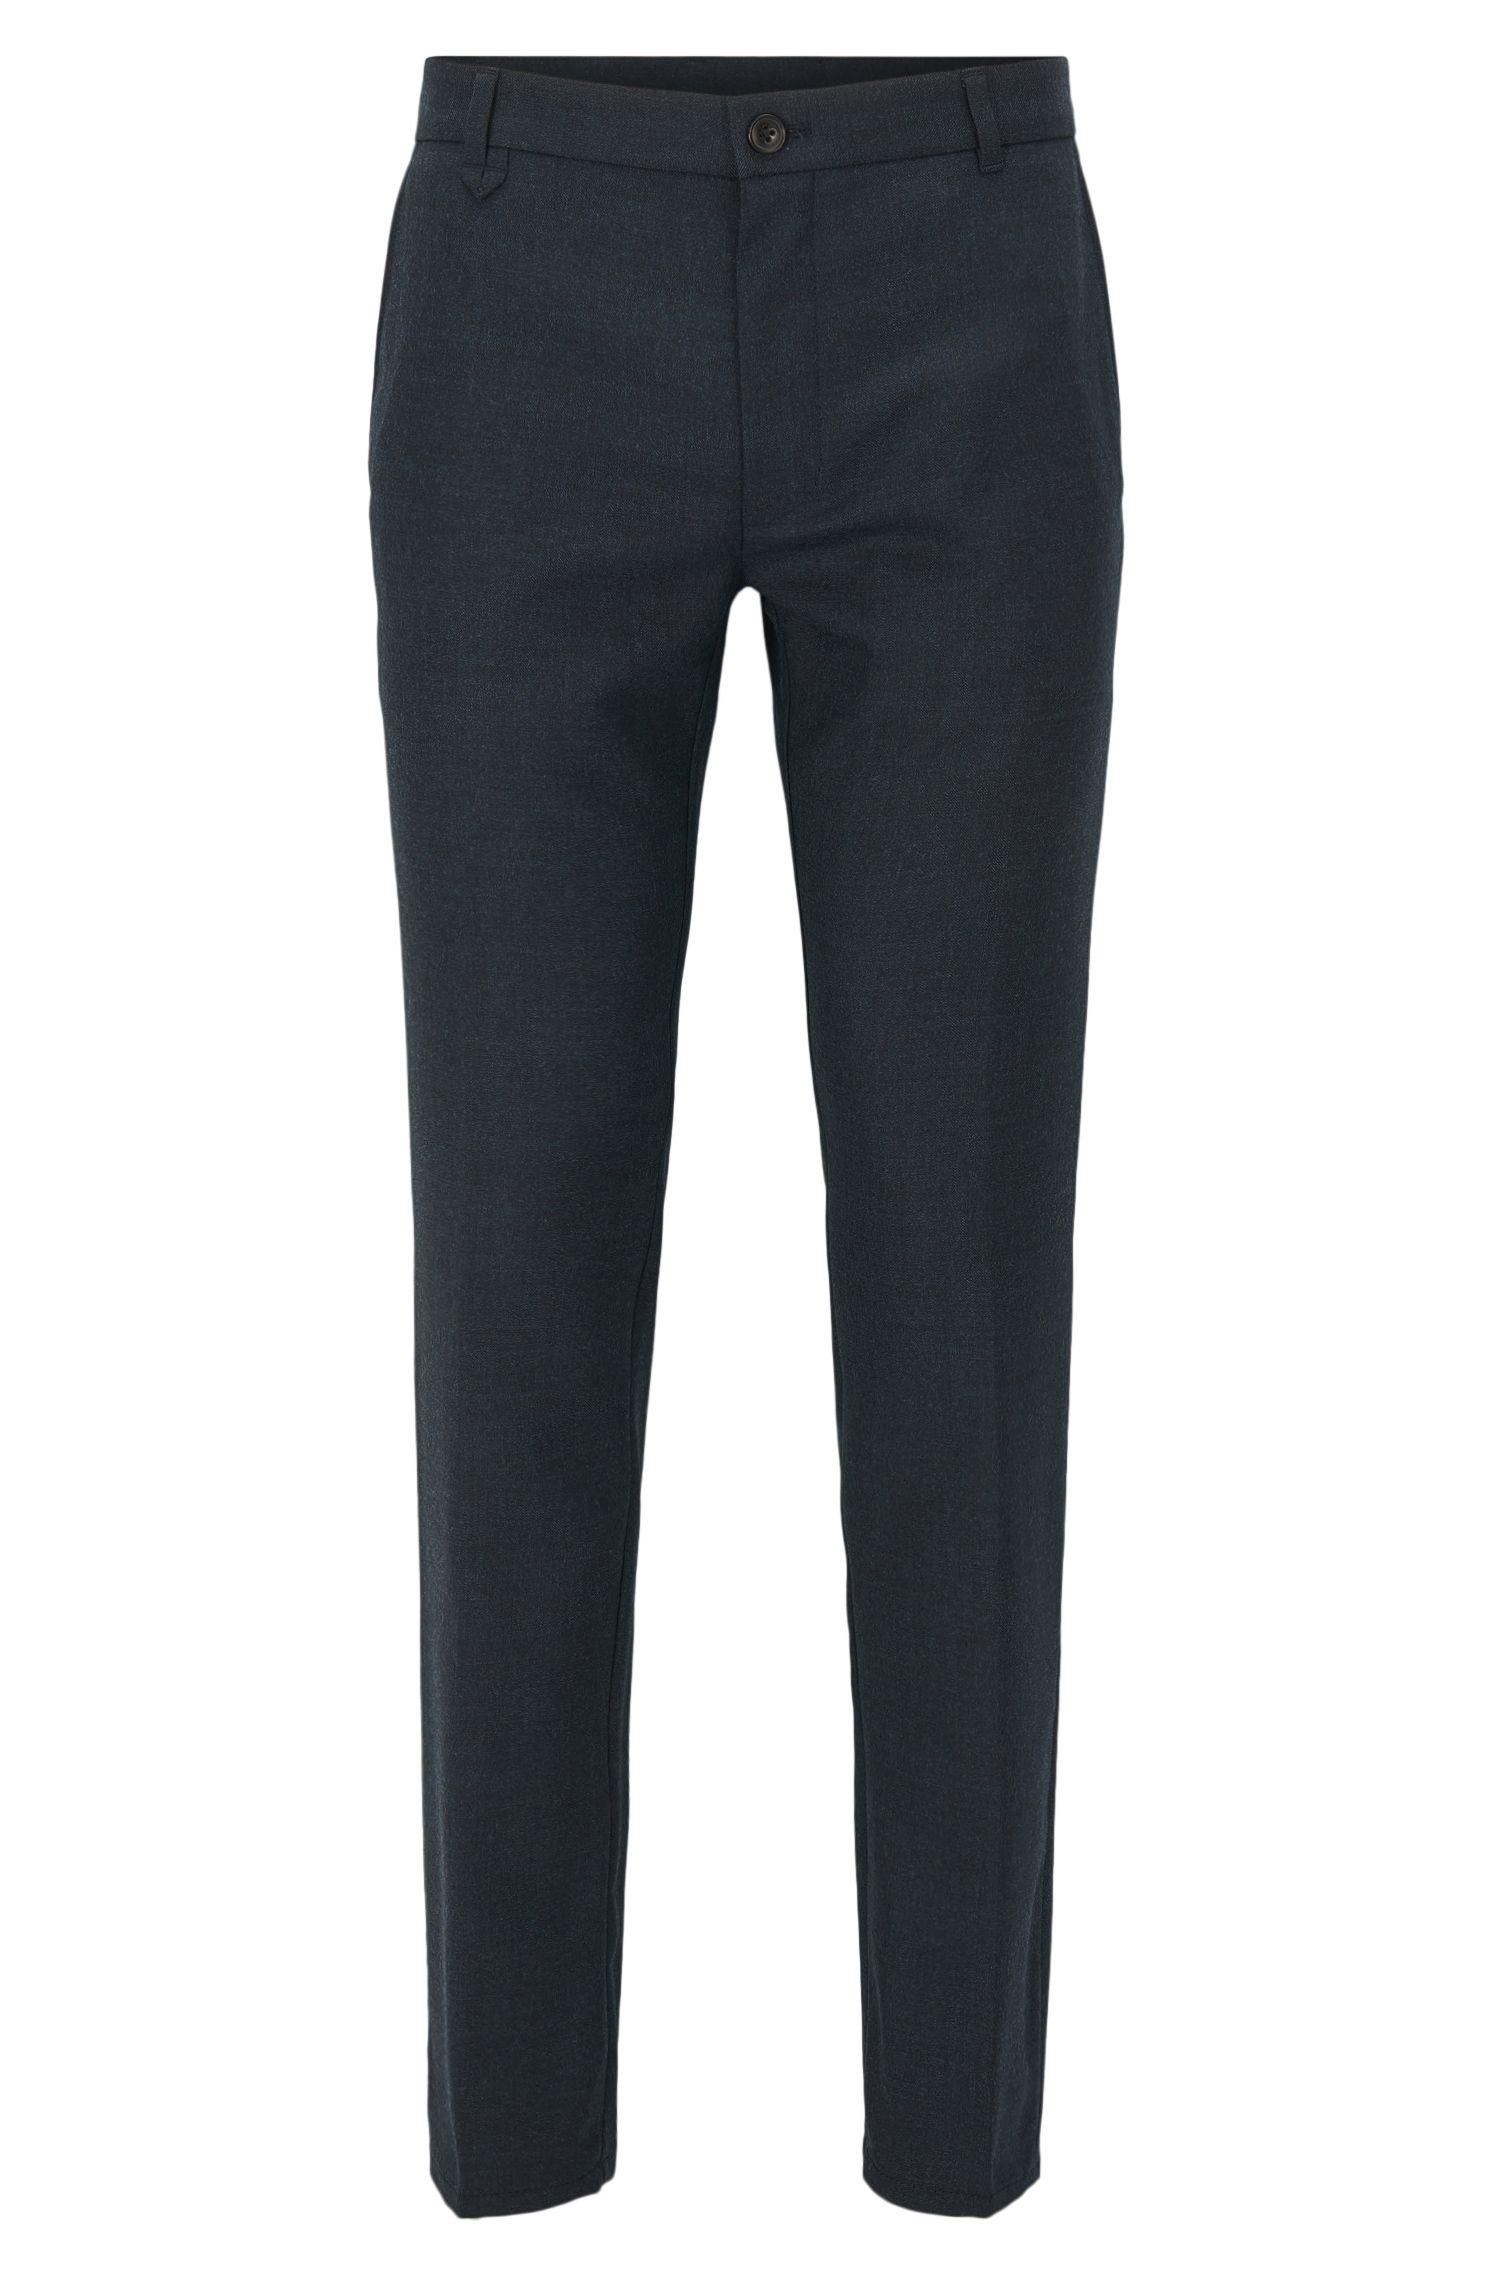 Stretch Virgin Wool Pants, Extra Slim Fit | Heldor